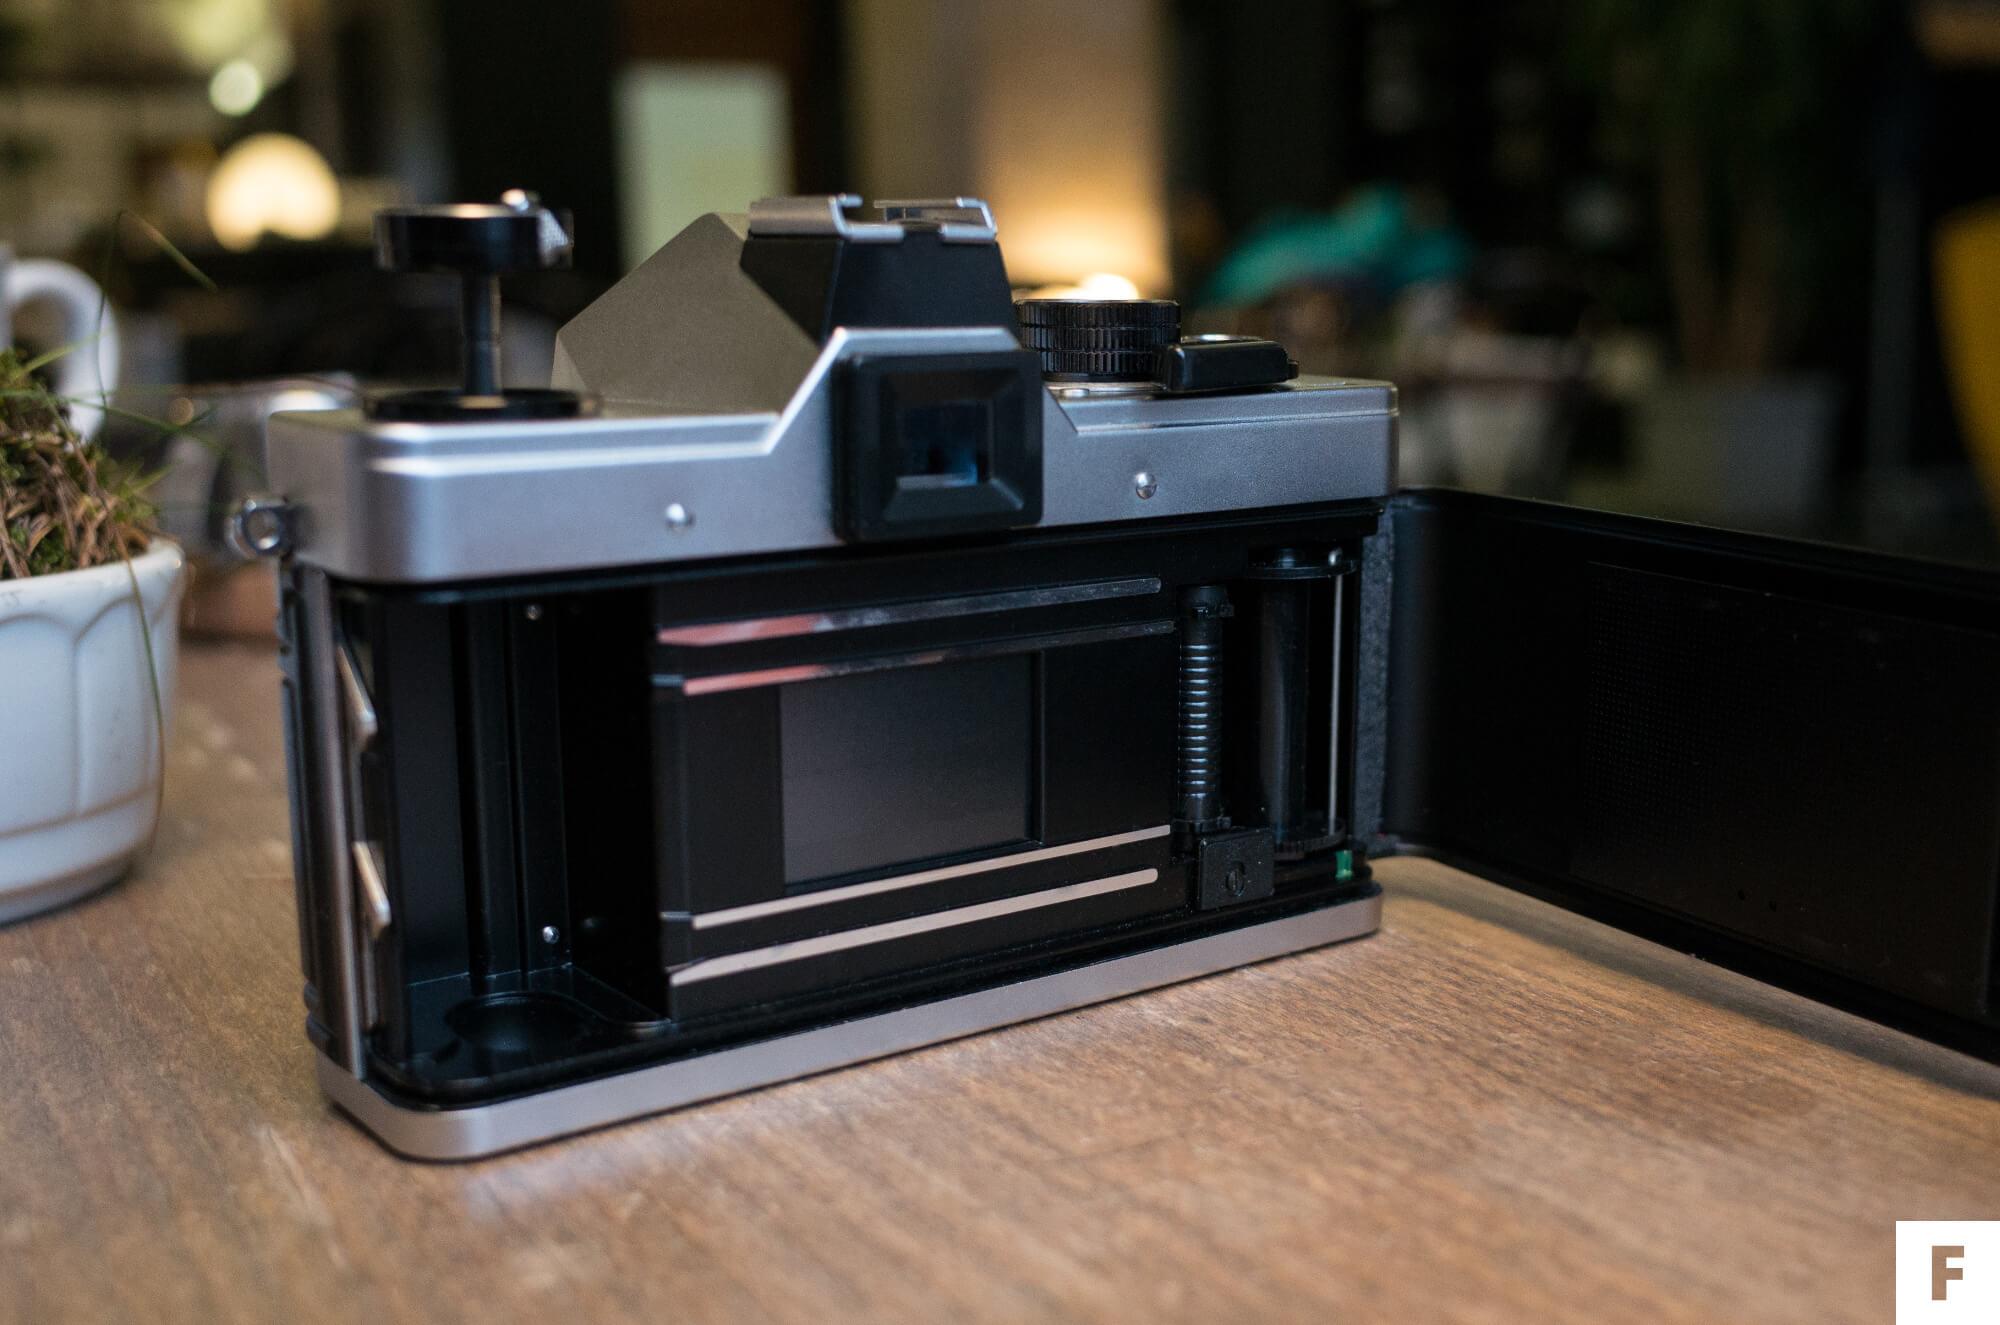 začiatočnícka zrkadlovka na film Praktica MTL5B, Fotímnafilm.sk recenzia